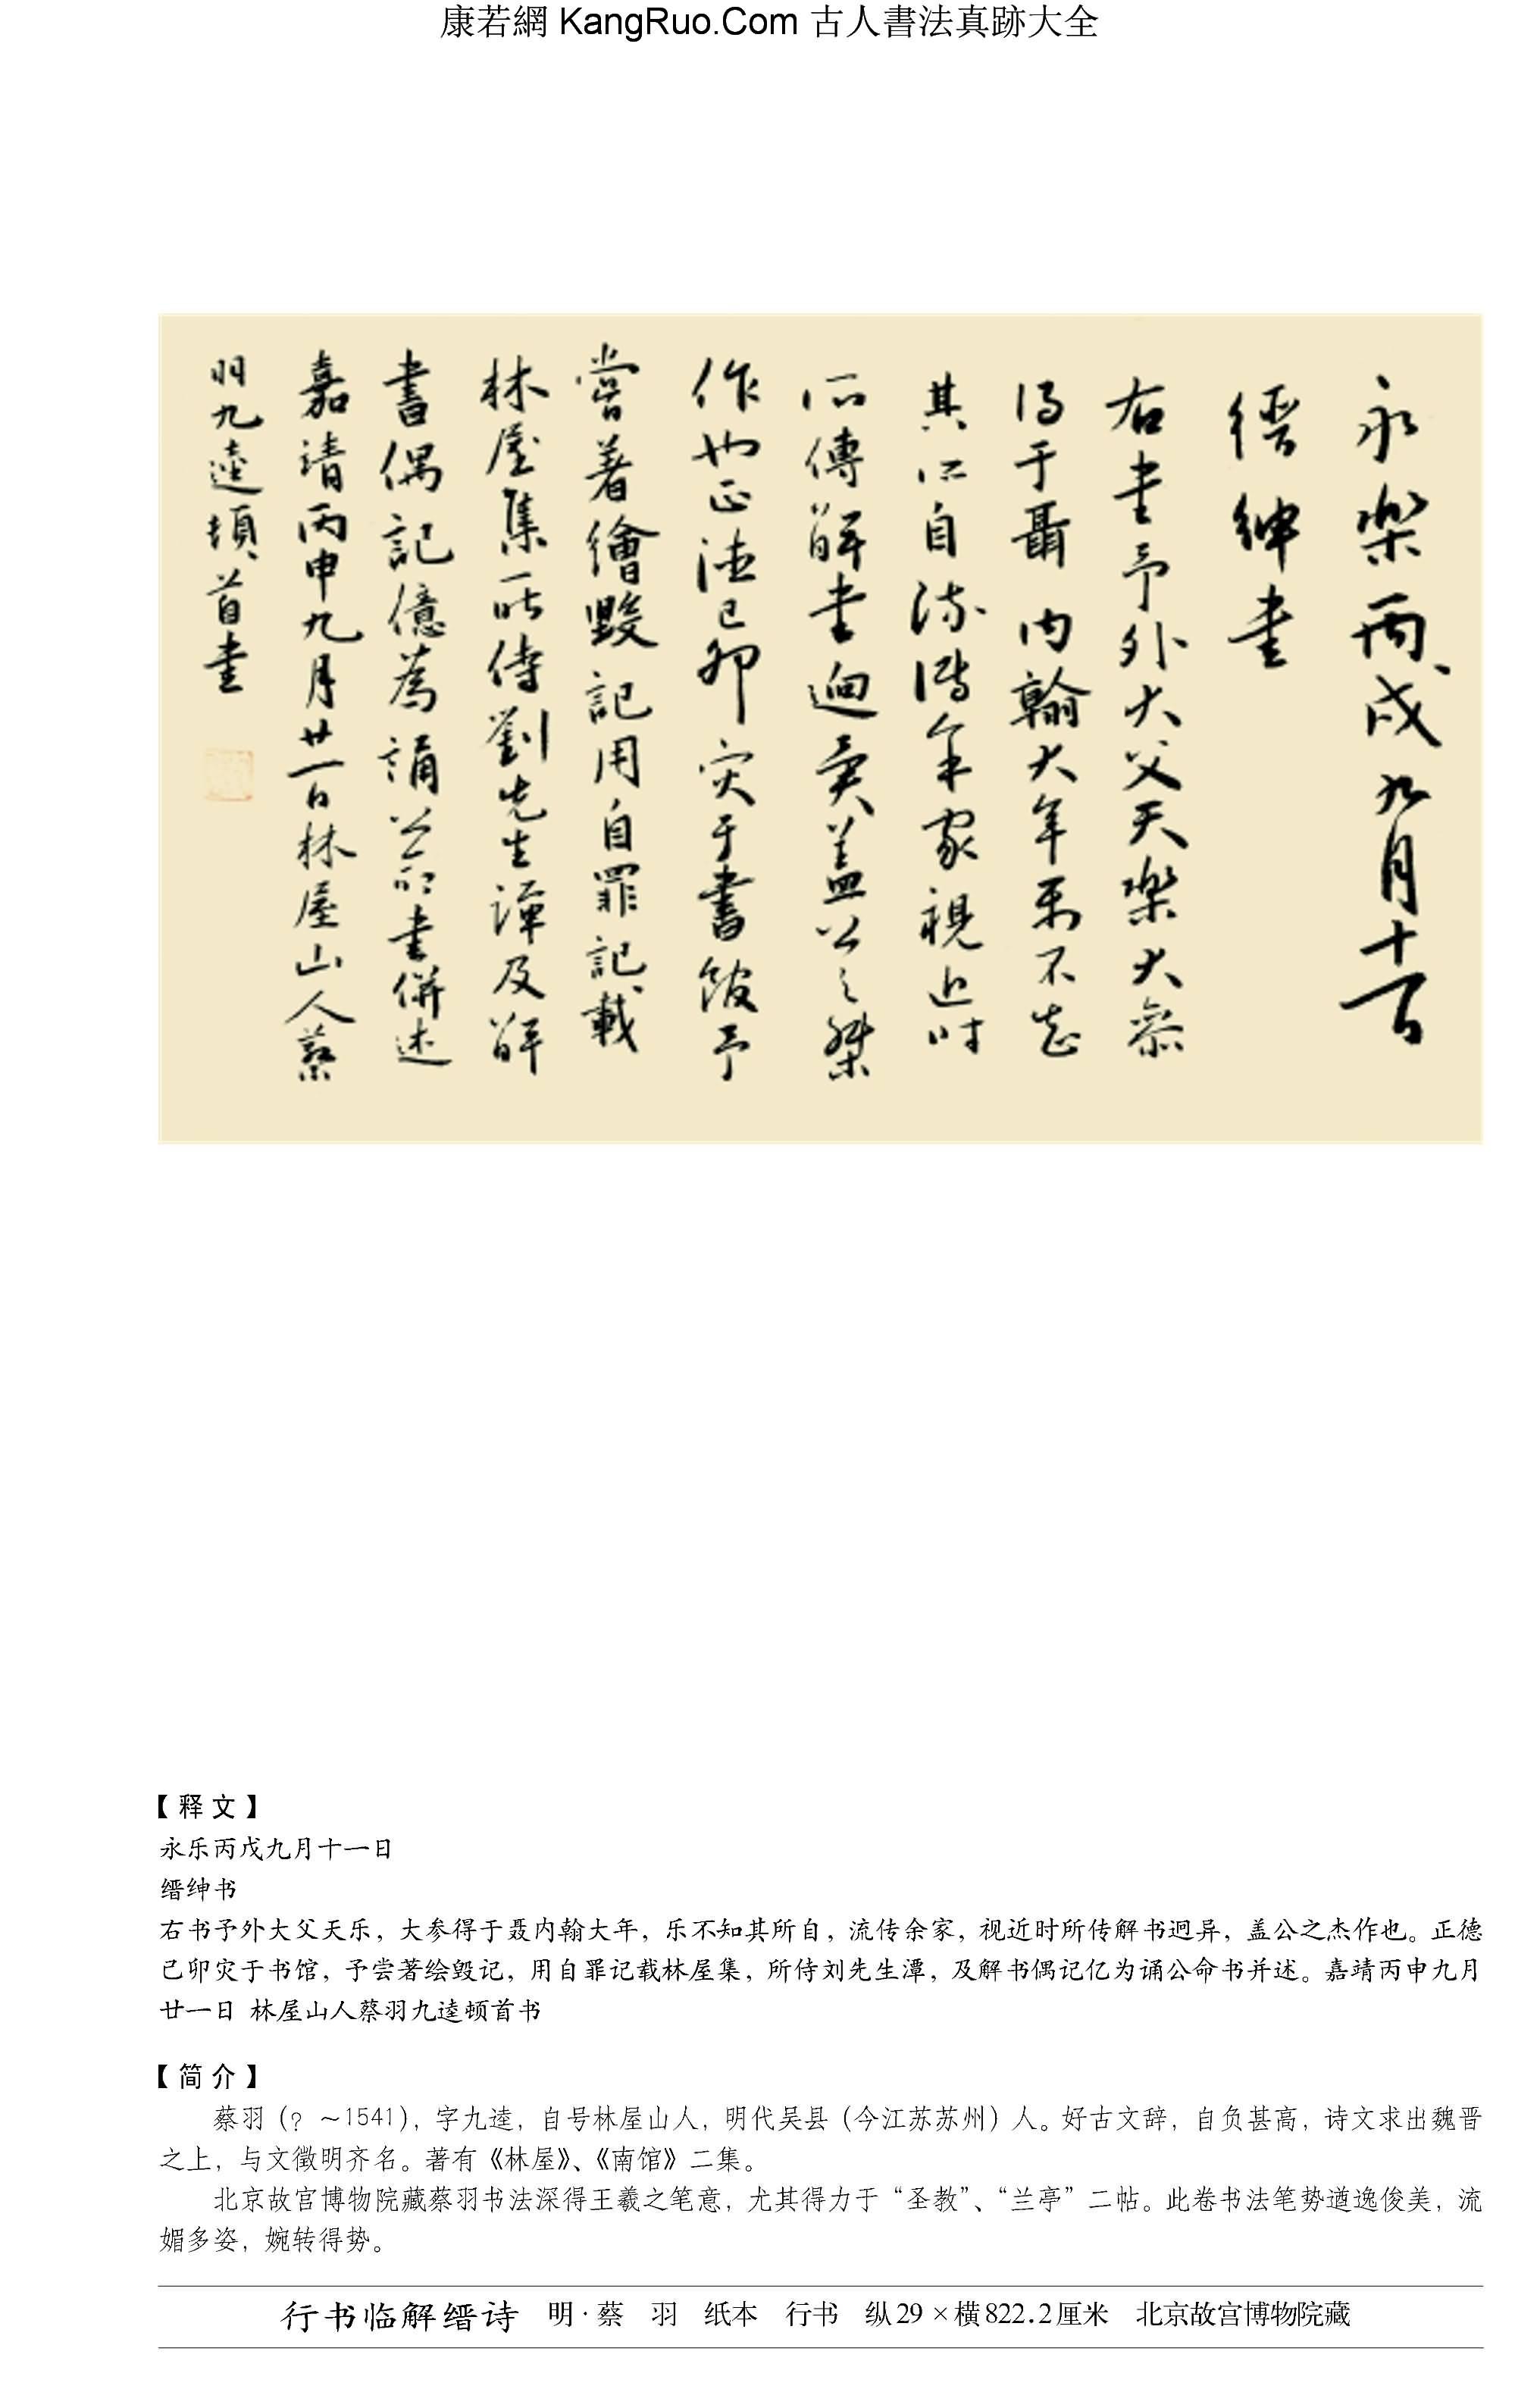 《行書臨解縉詩》書法真跡【明朝·蔡羽】_00189